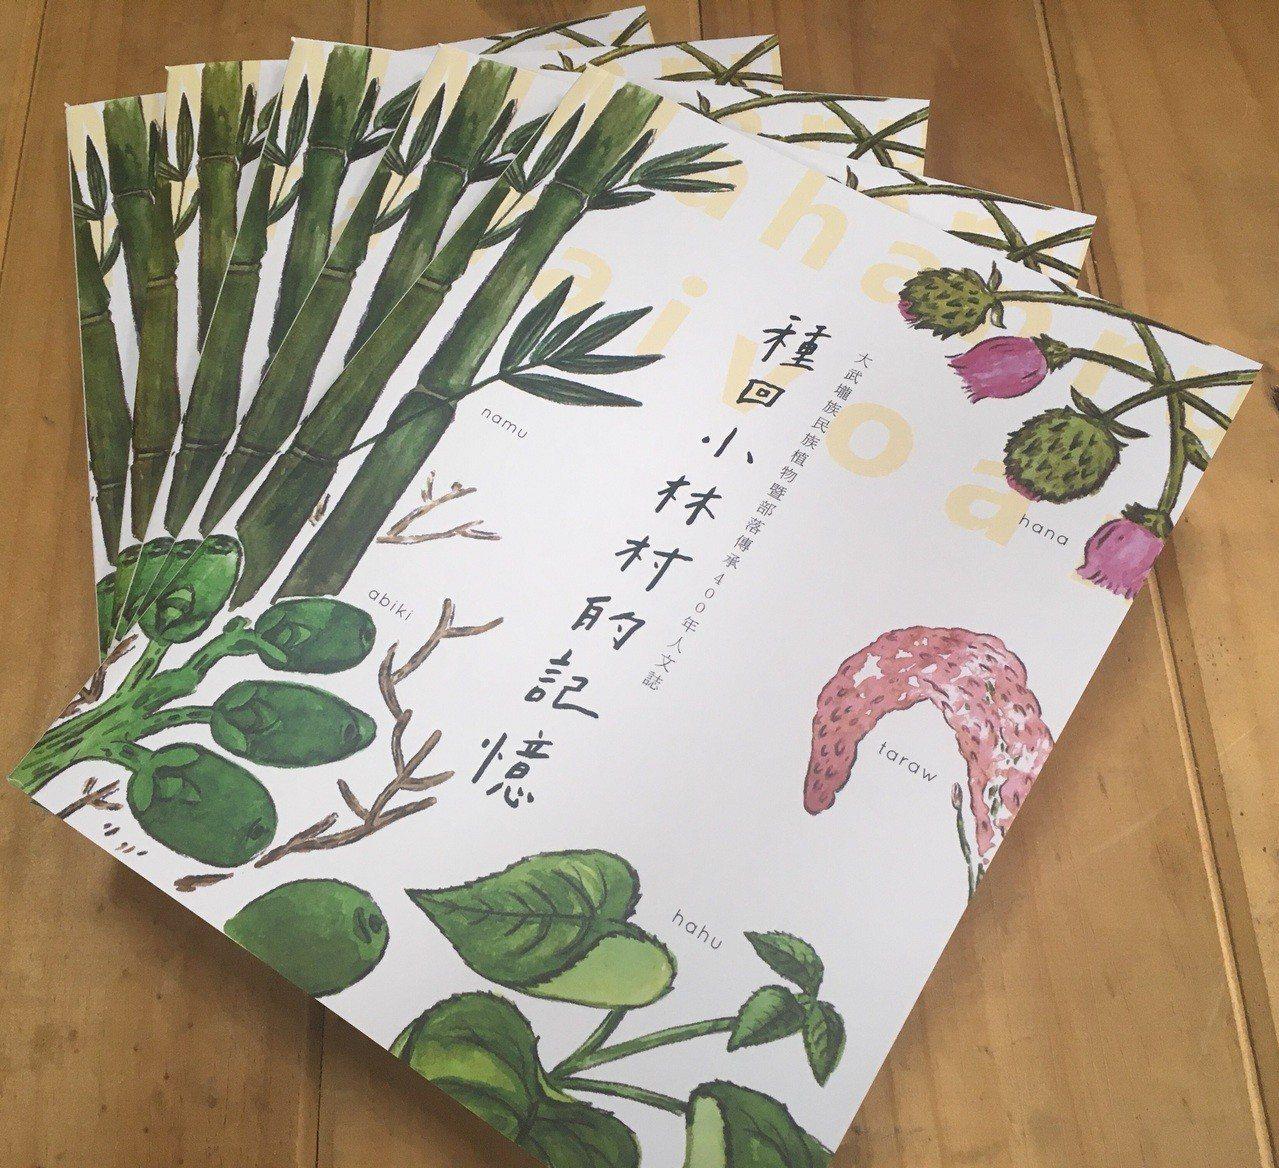 「種回小林村的記憶」,被大武壠族人視為部落文化傳承的人文誌。記者王昭月/攝影